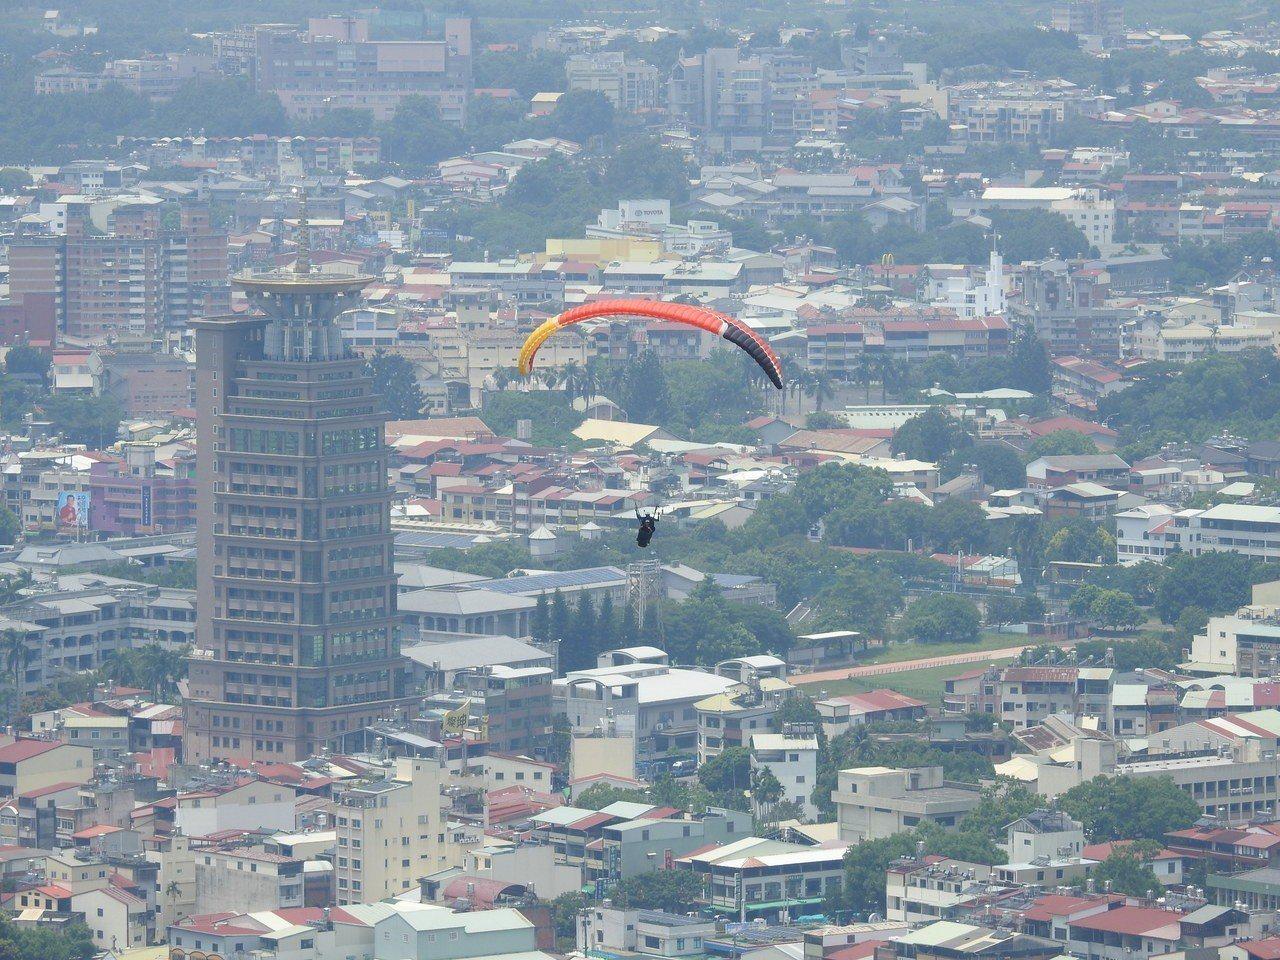 南投縣埔里鎮虎頭山擁最佳地理和氣候條件,非常適合發展飛行傘遊憩,甚至訓練場域。圖...